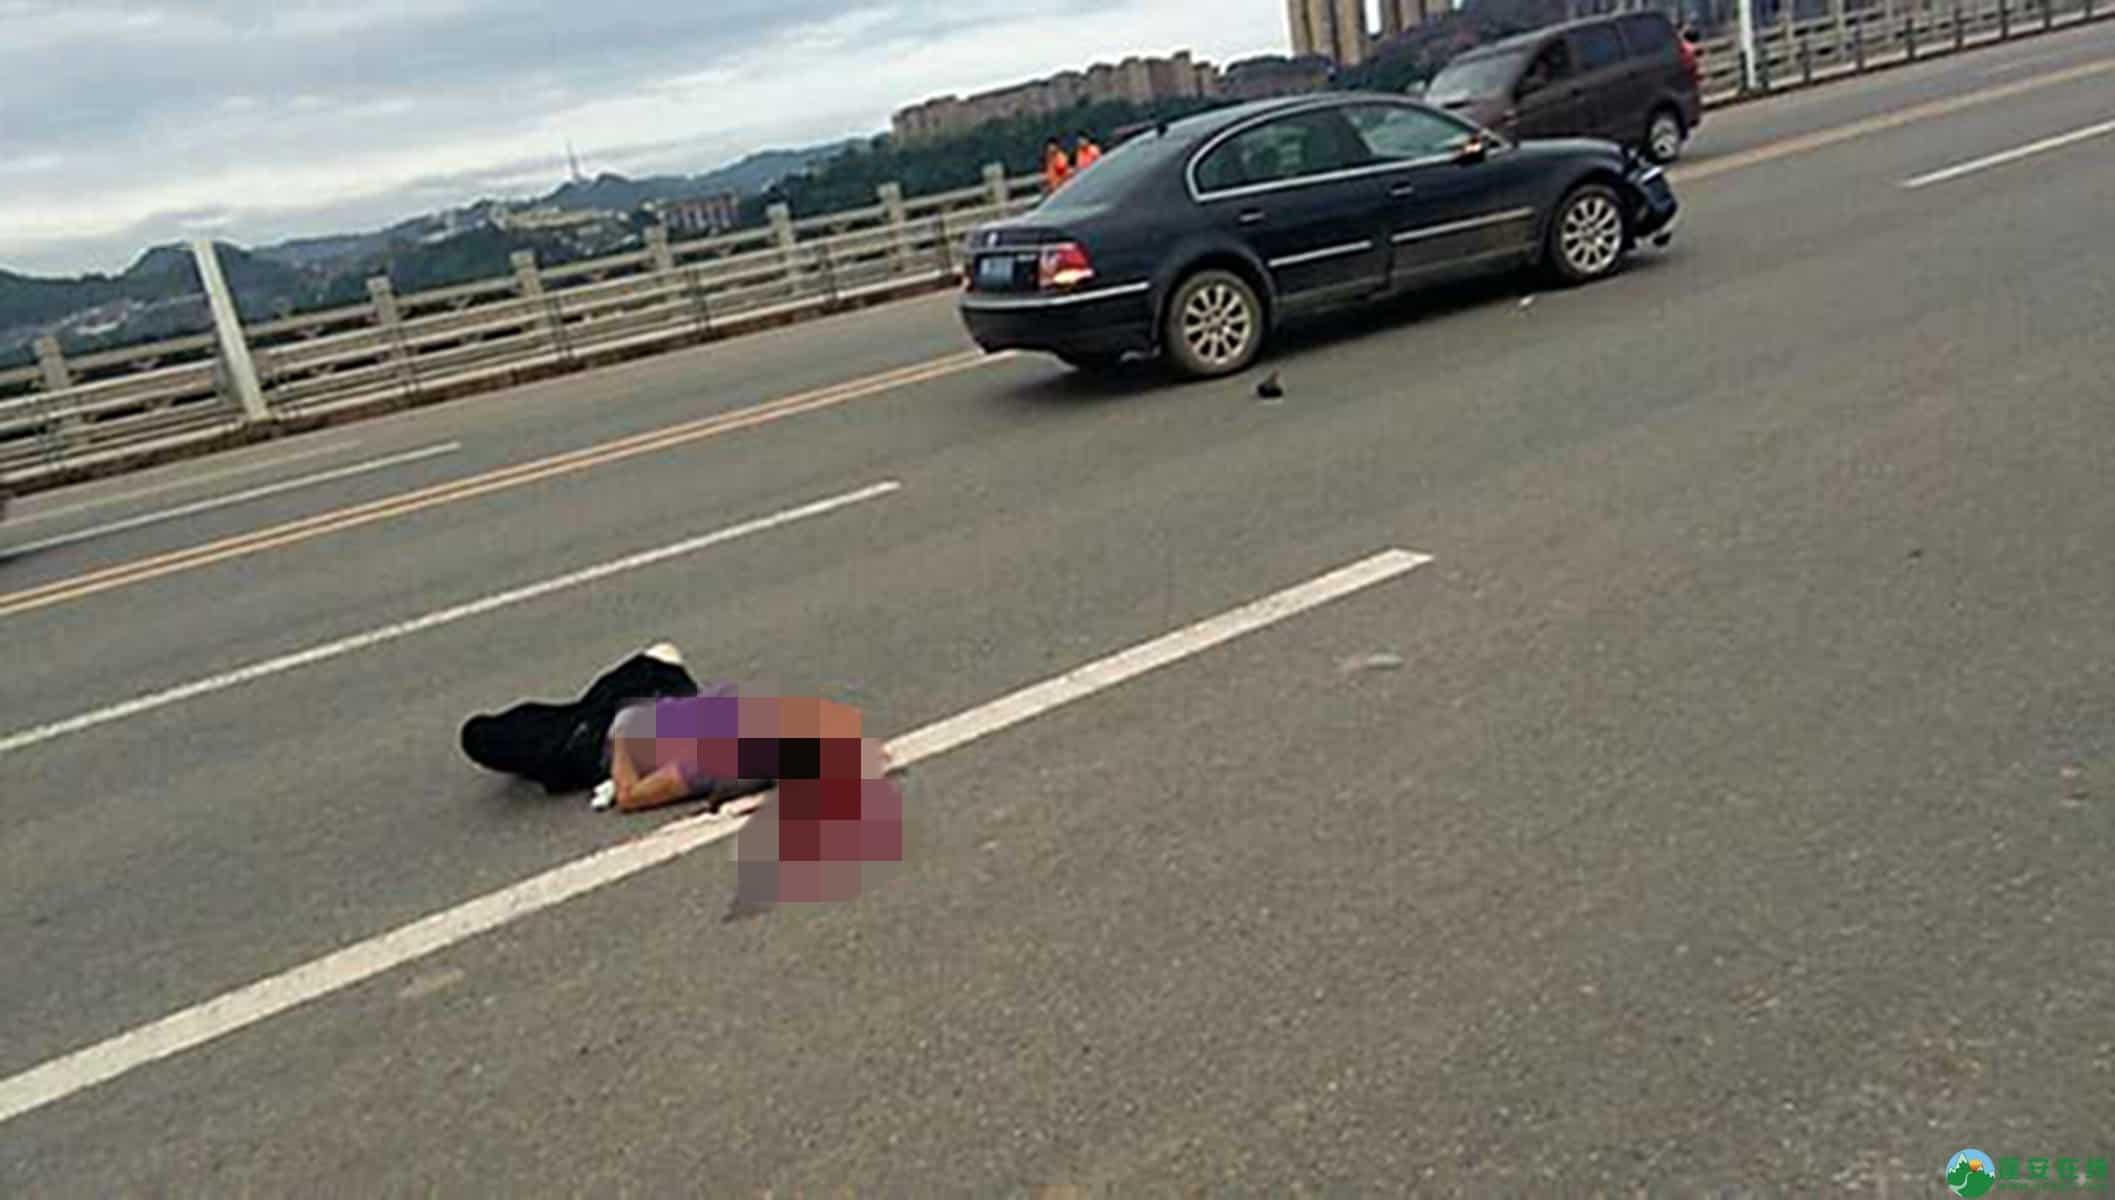 蓬安凤凰大桥突发车祸,一位女环卫工人被撞身亡 - 第1张  | 蓬安在线